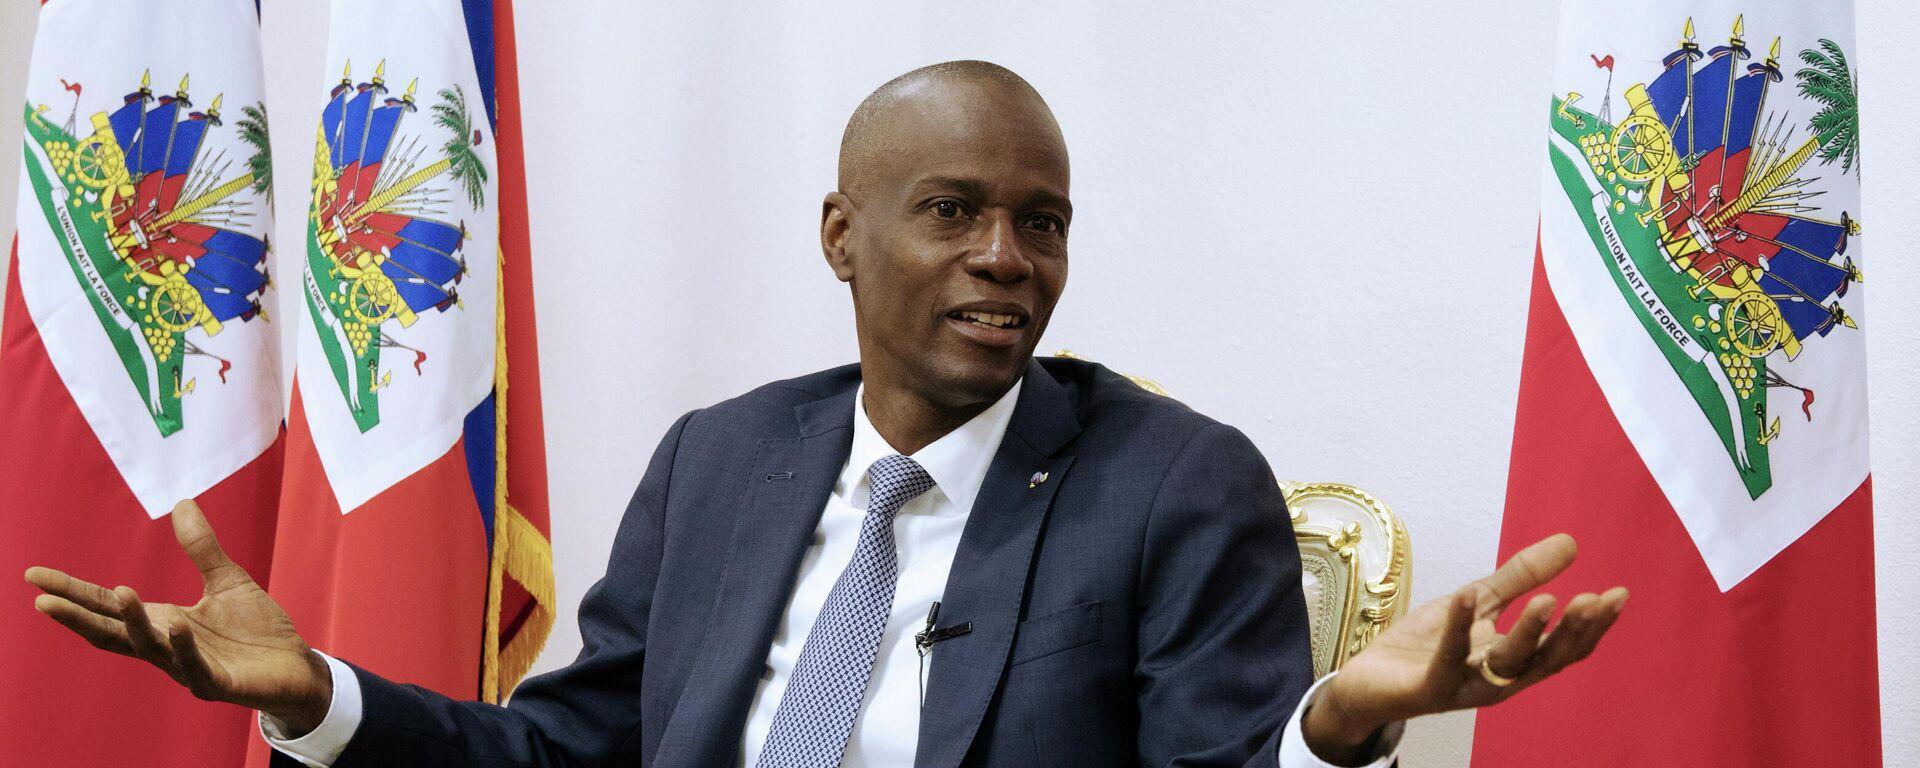 Jovenel Moise, expresidente de Haití - Sputnik Mundo, 1920, 16.07.2021